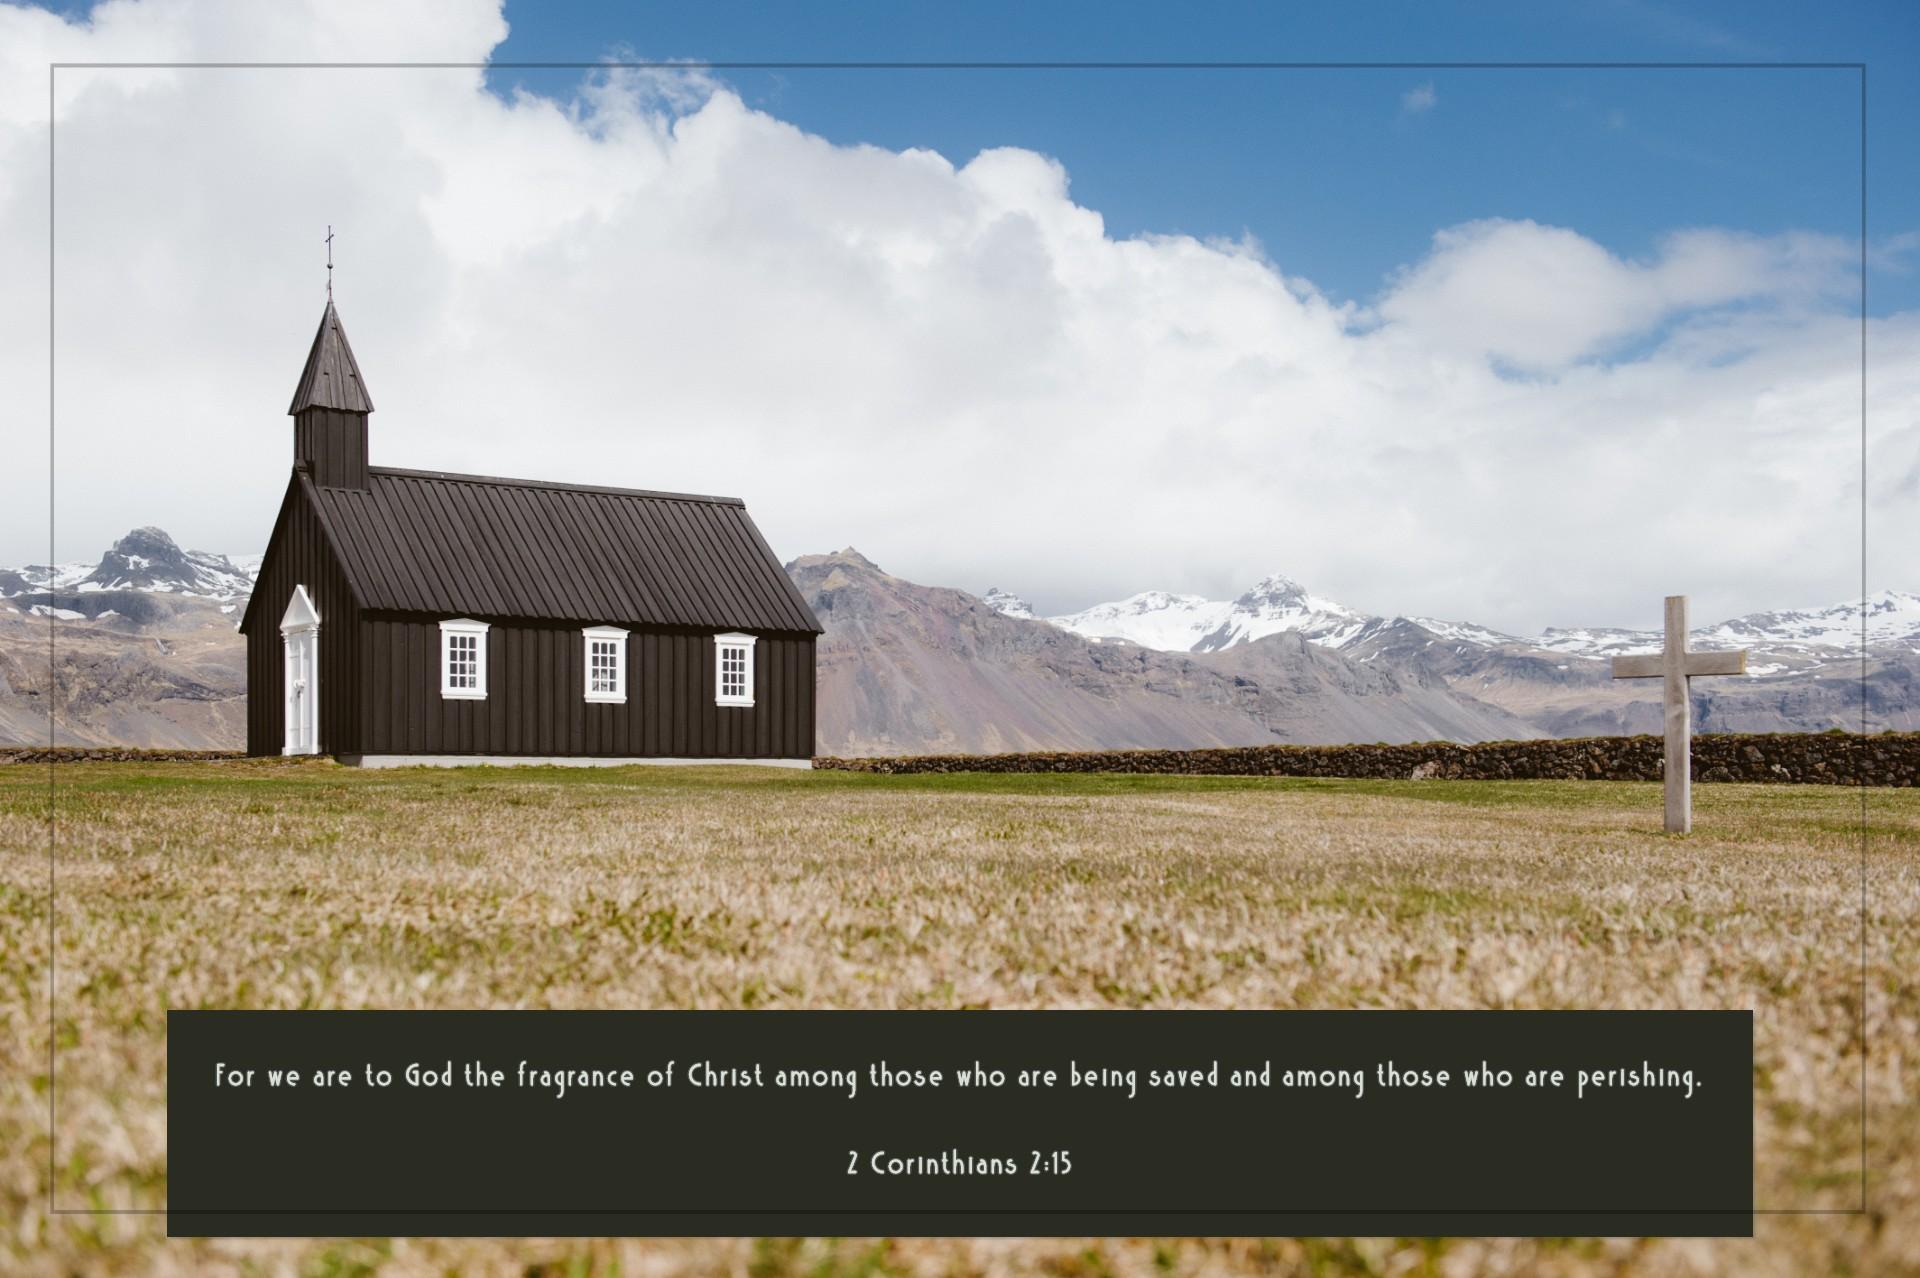 2 Corin 2;15